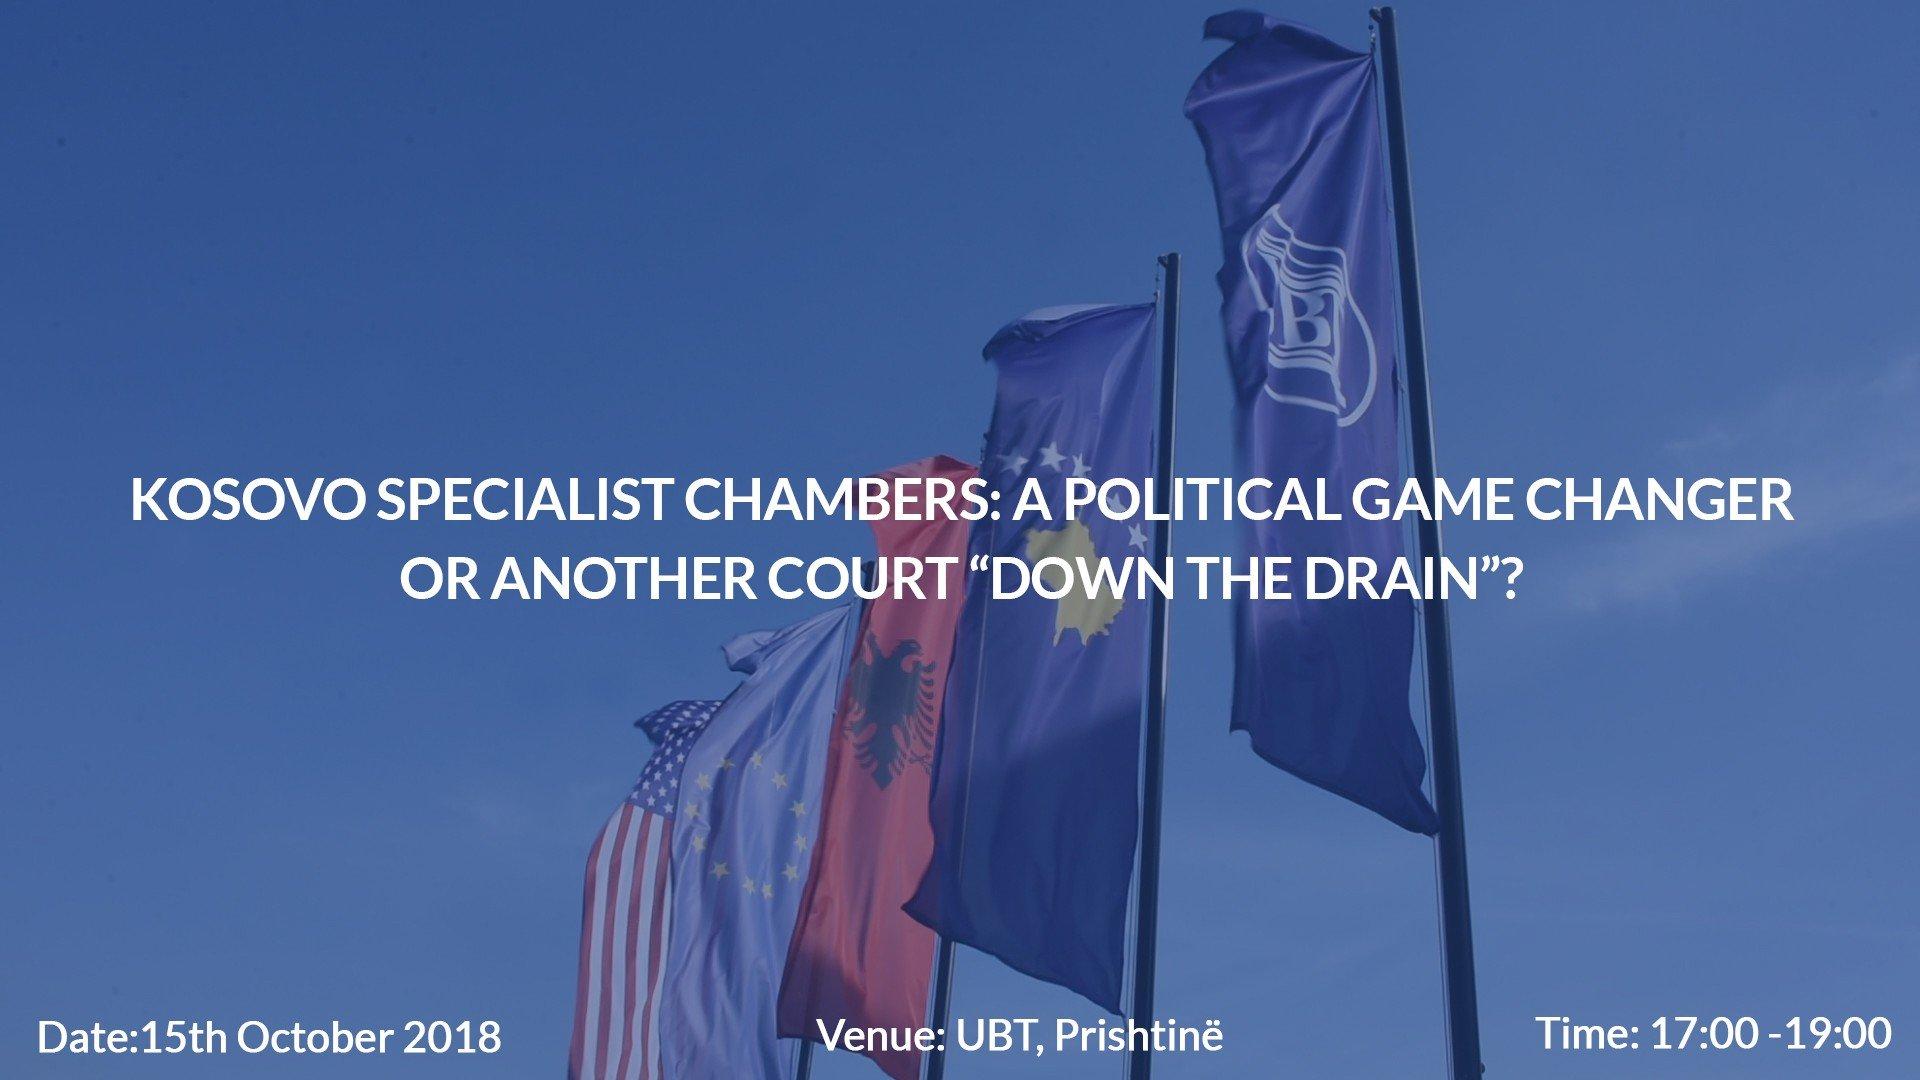 Më 15 tetor, në UBT do të diskutohet për rolin e Dhomave të Specializuara të Kosovës